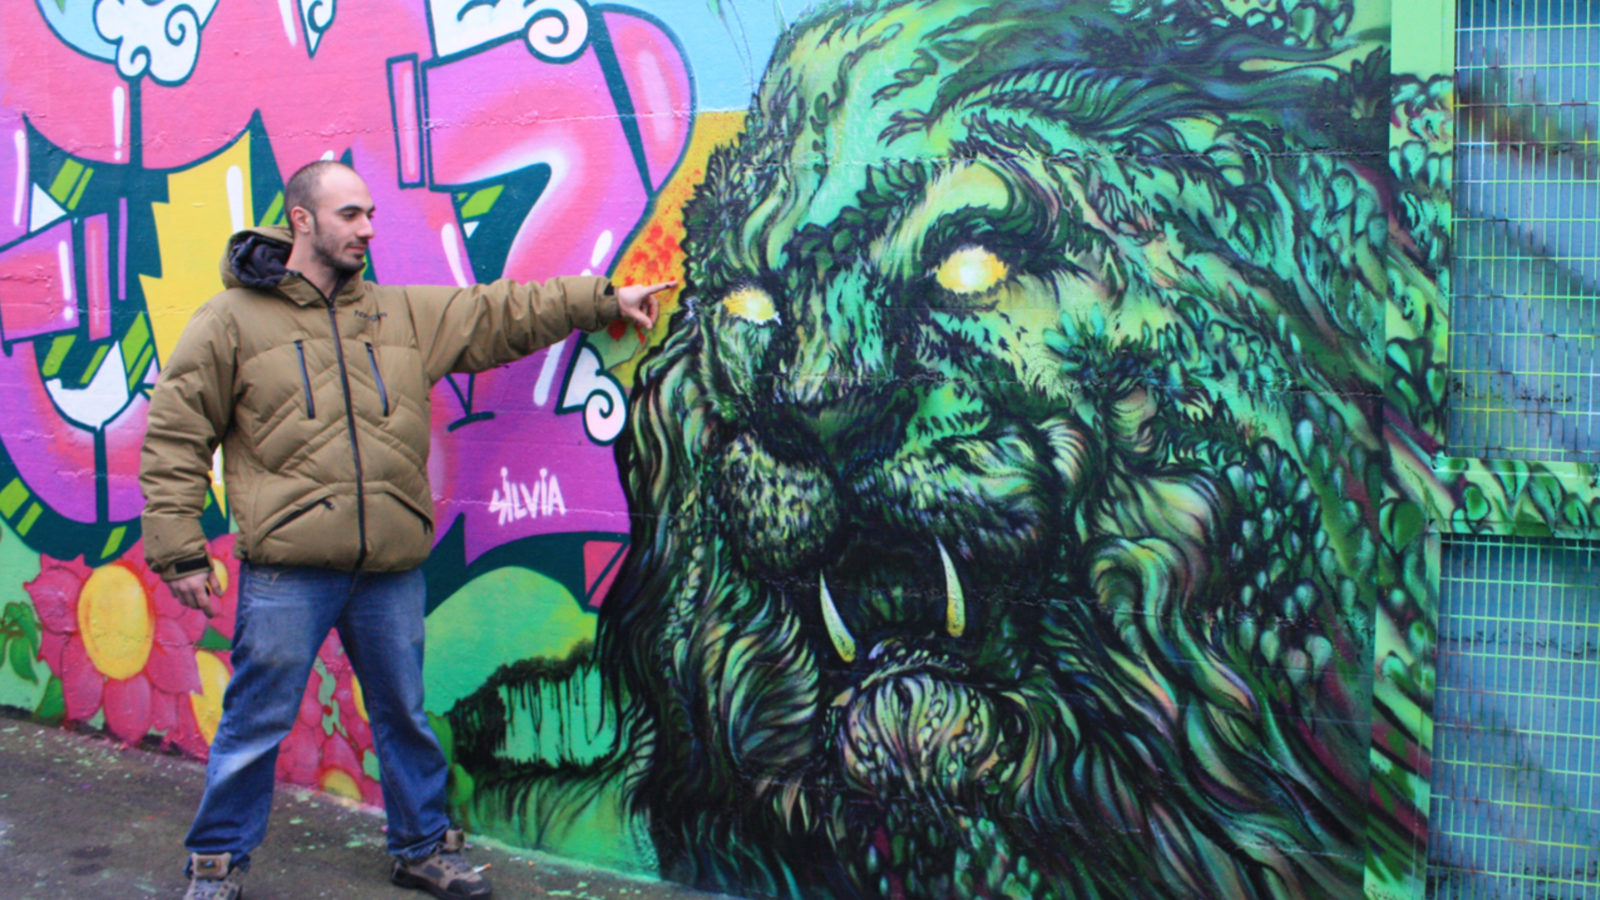 Intervista graffiti writer Impo BN crew